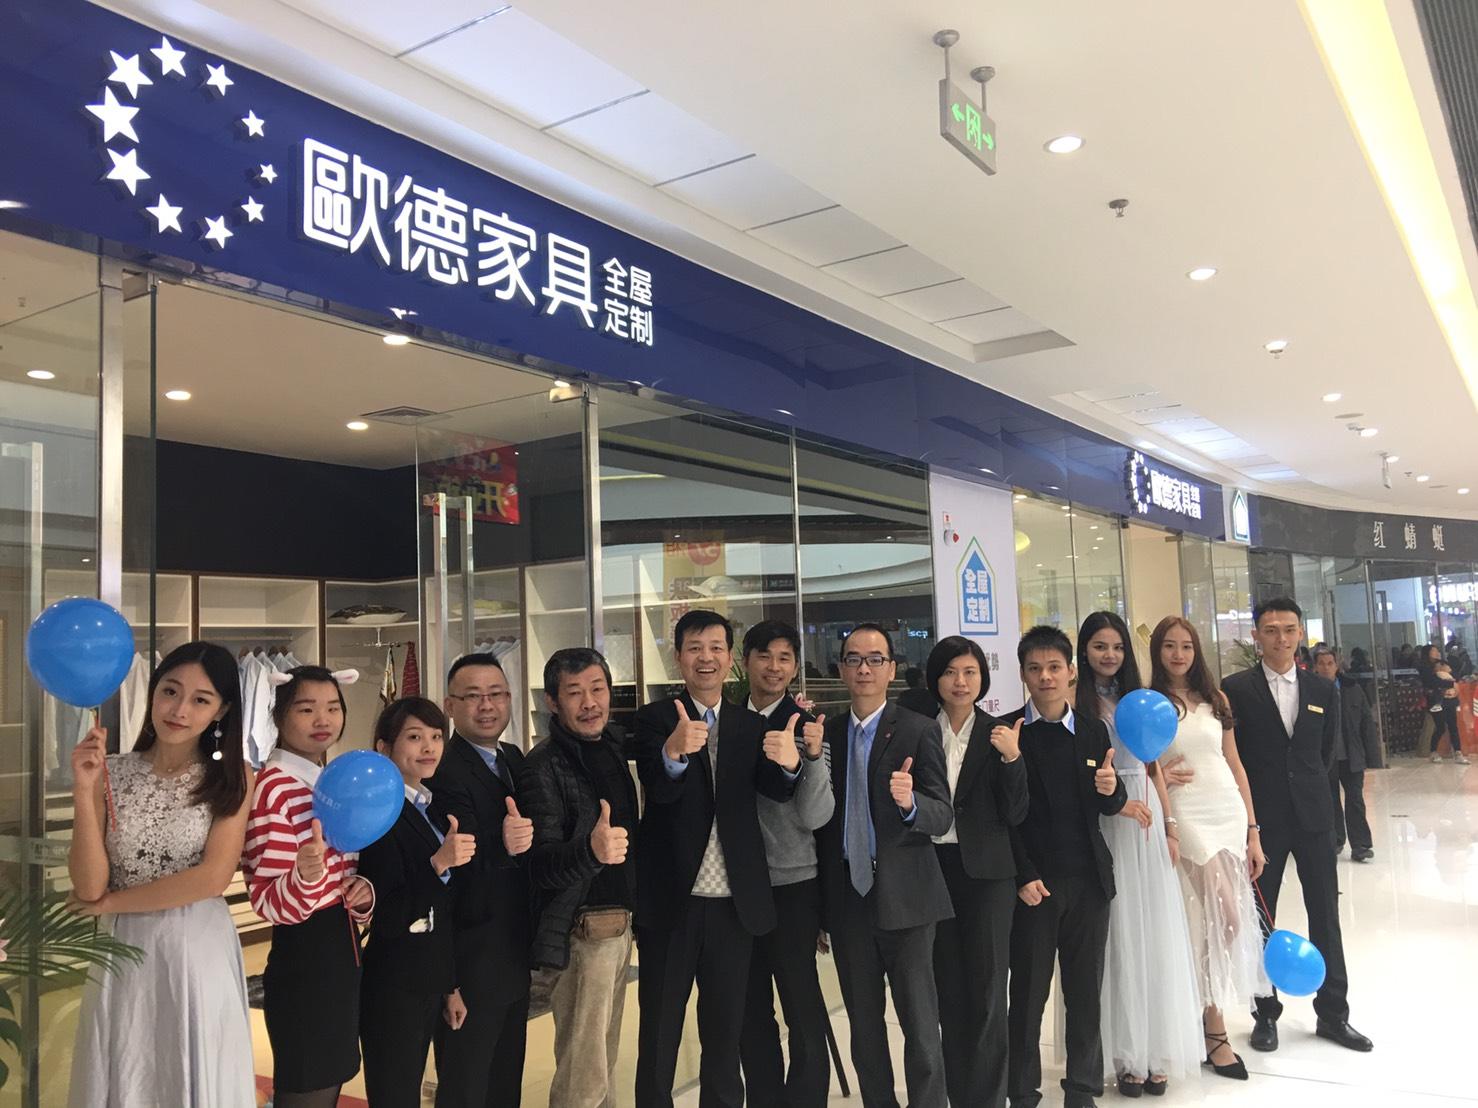 中國歐德家具門市 盛大開業! 挺進一級戰區!